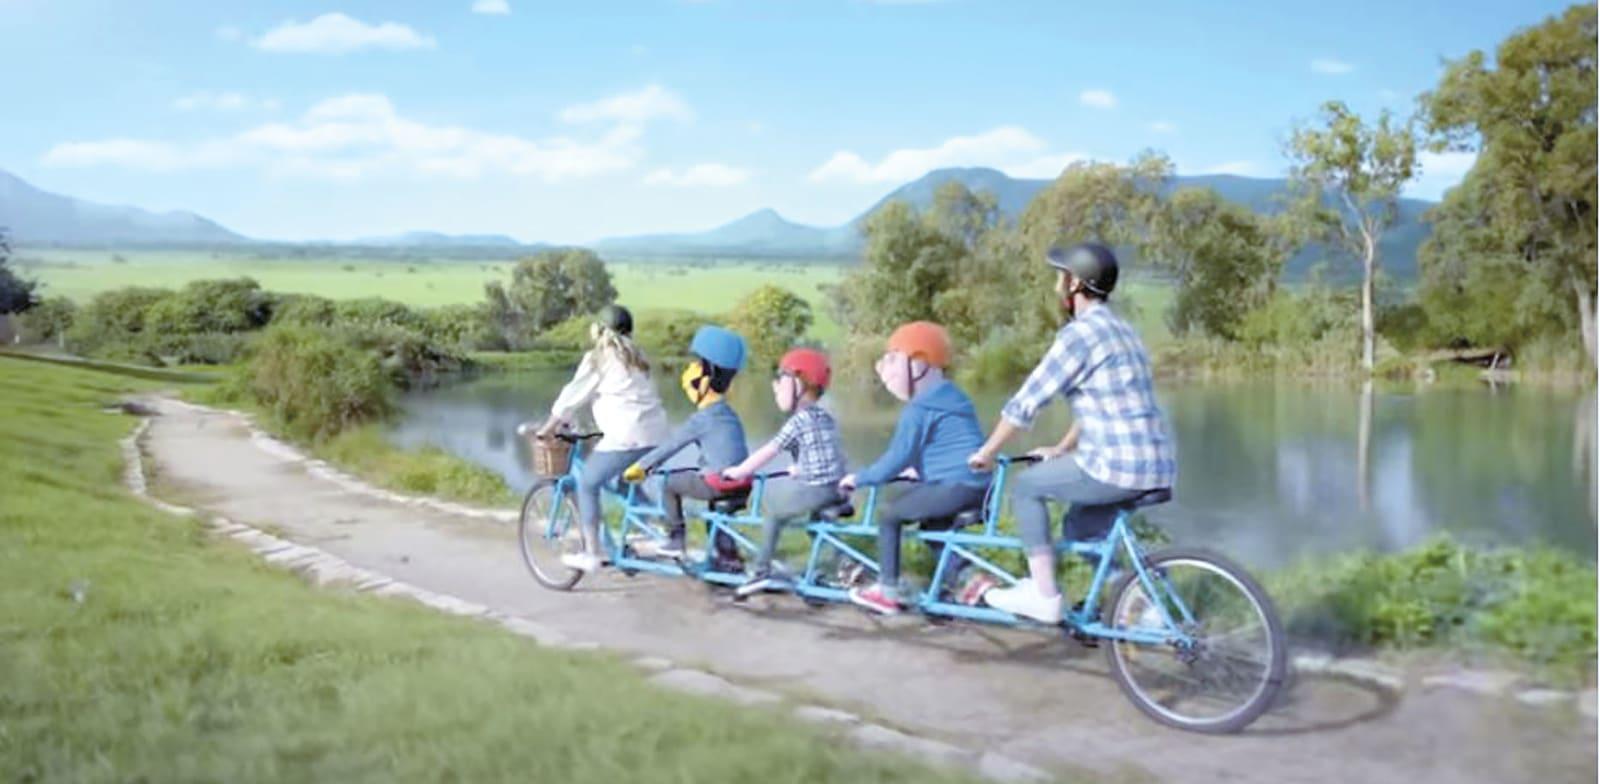 שקע, תקע וג'ין בורדו בפרסומת לחברת החשמל. חביב אבל לא מספיק כדי להיזכר / צילום: יוטיוב